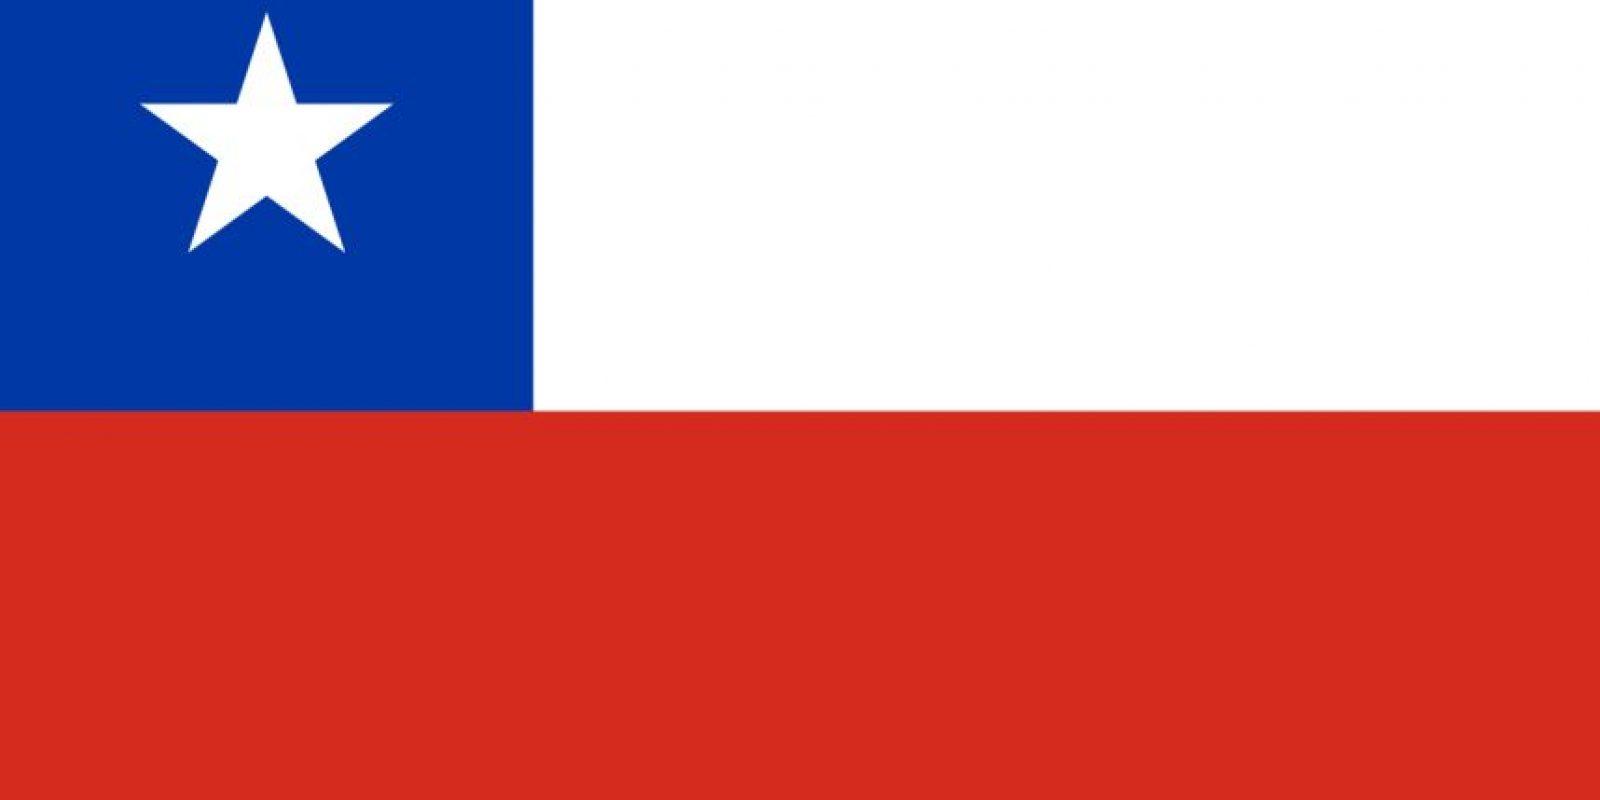 """Chile El Ministerio de Transporte lo considera como un """"servicio informal"""", pero Uber continúa prestando servicios. Autoridades pidieron a la Corte que exija a la plataforma que cese sus operaciones hasta que cumpla con los requisitos establecidos en la ley."""